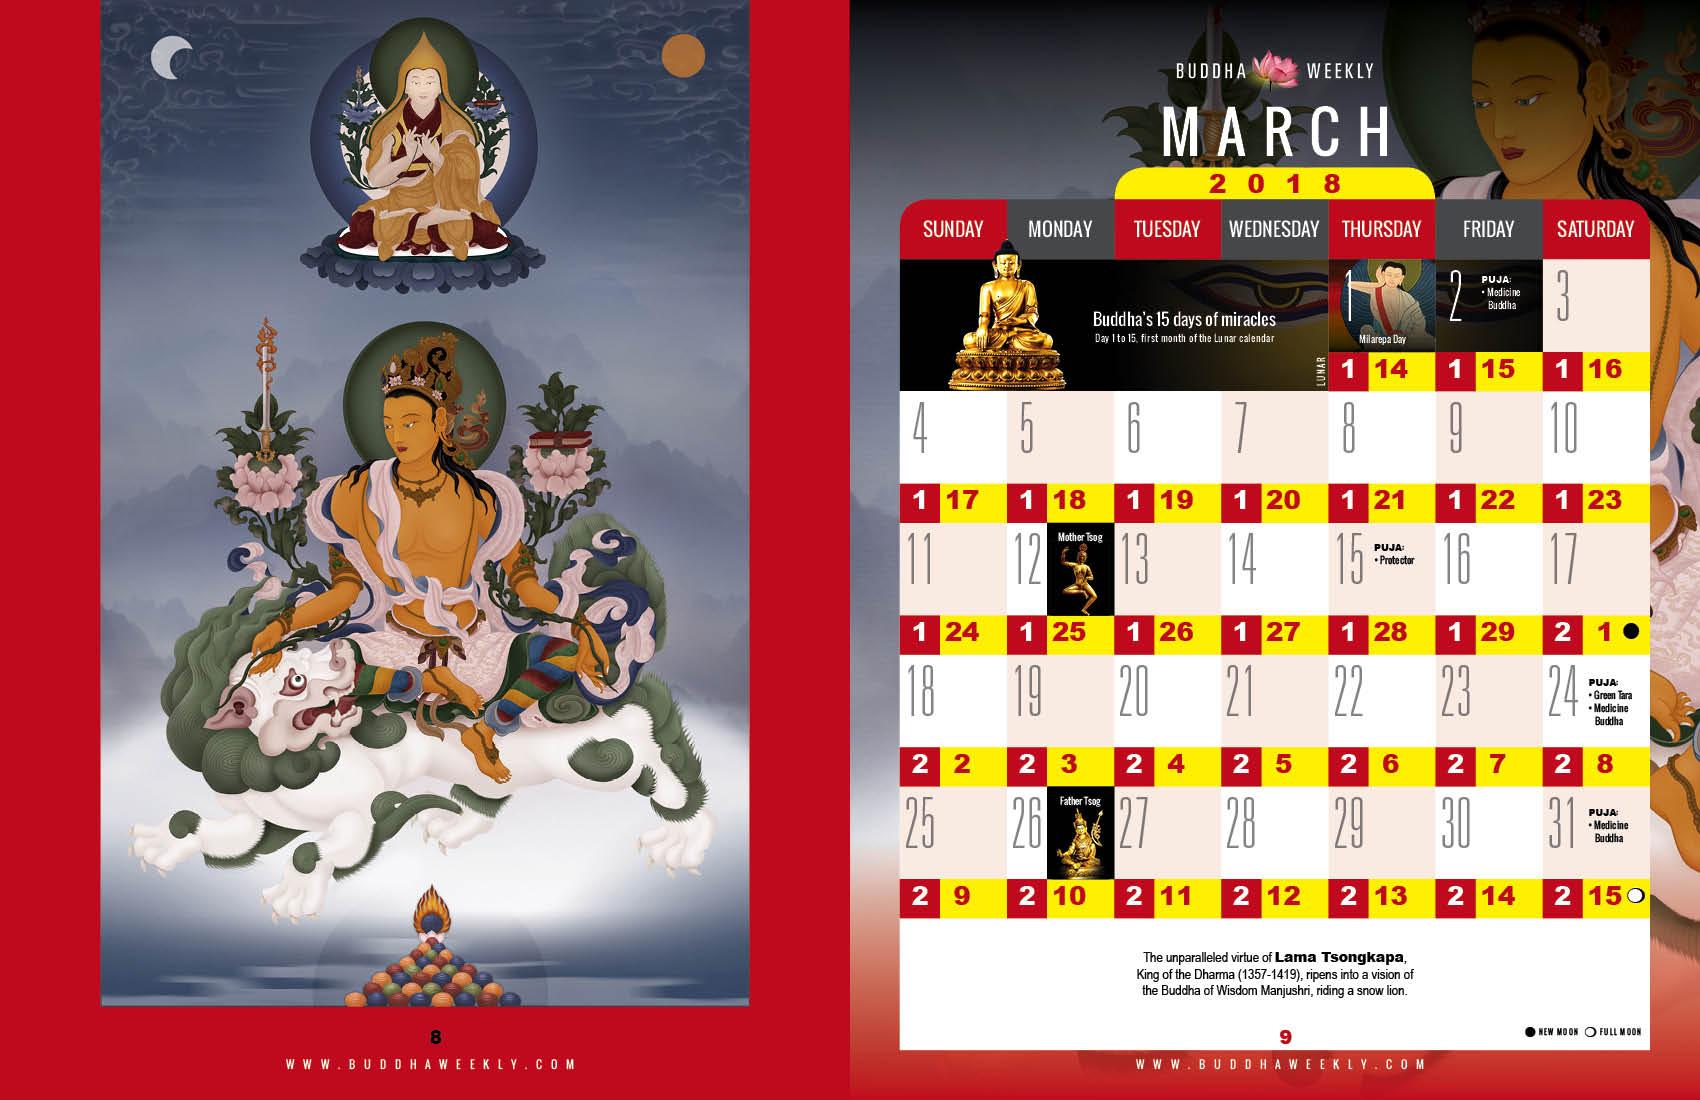 Lunar Calendar 2018 12 Buddha Weekly 3 March low 3